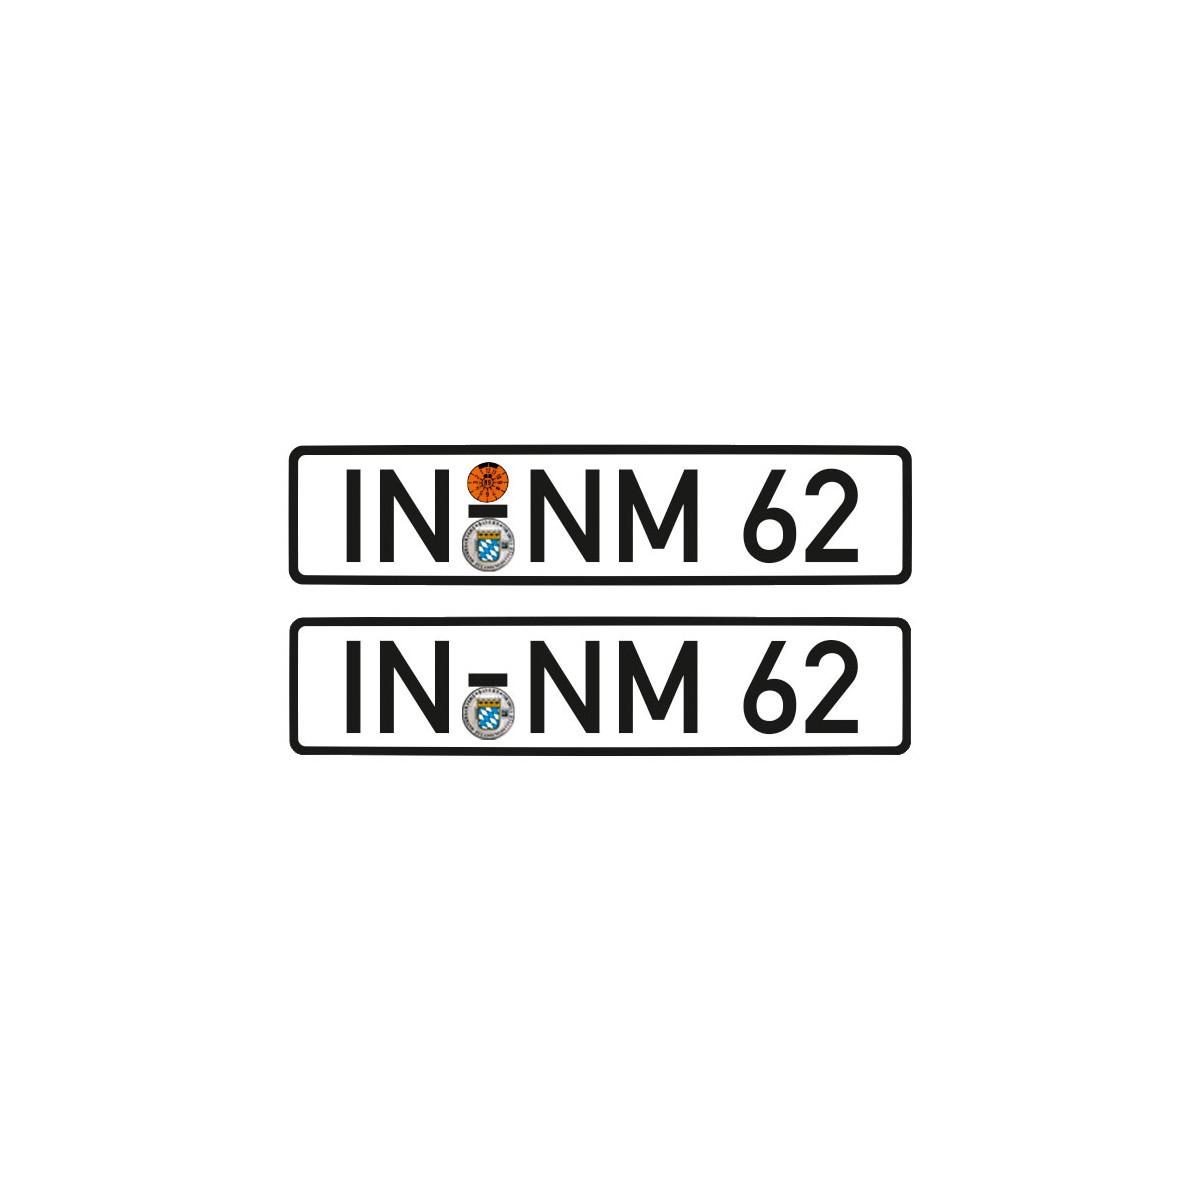 Nm Kennzeichen